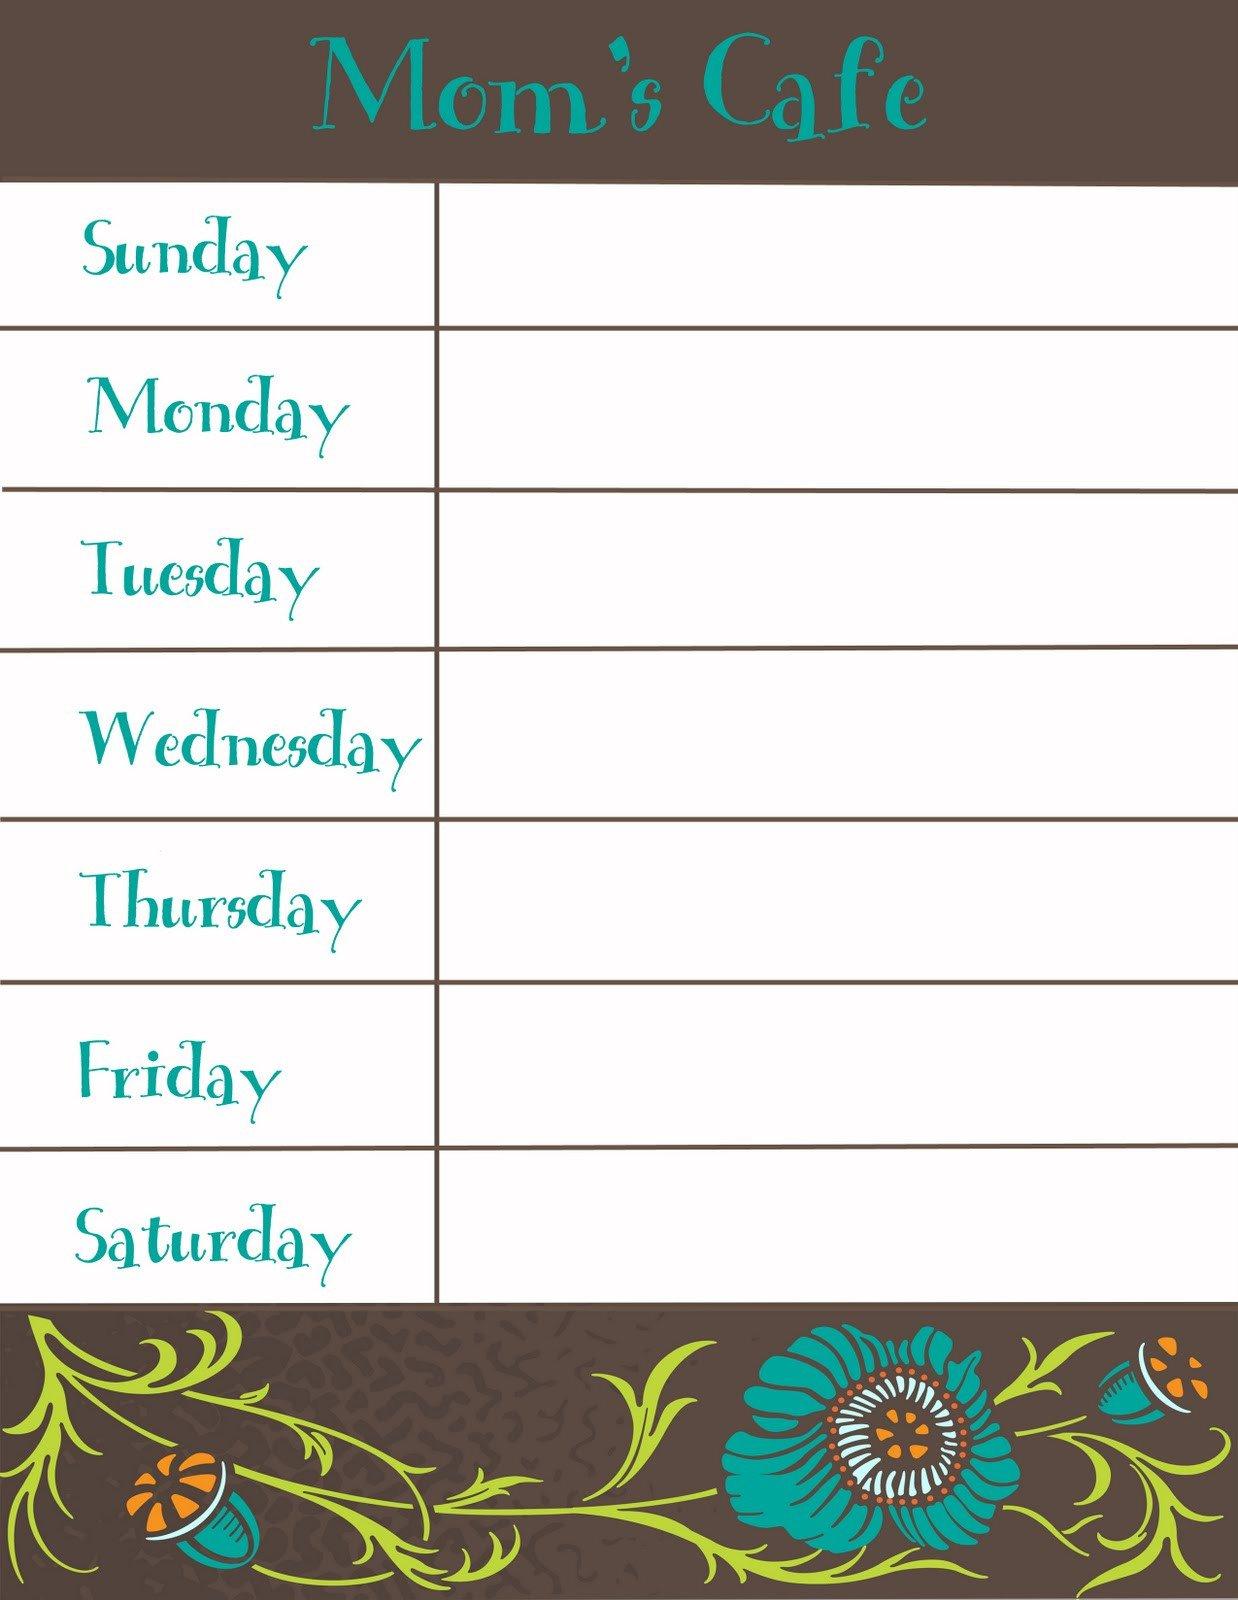 Weekly Dinner Menu Templates therapeutic Crafting Weekly Menu Printable